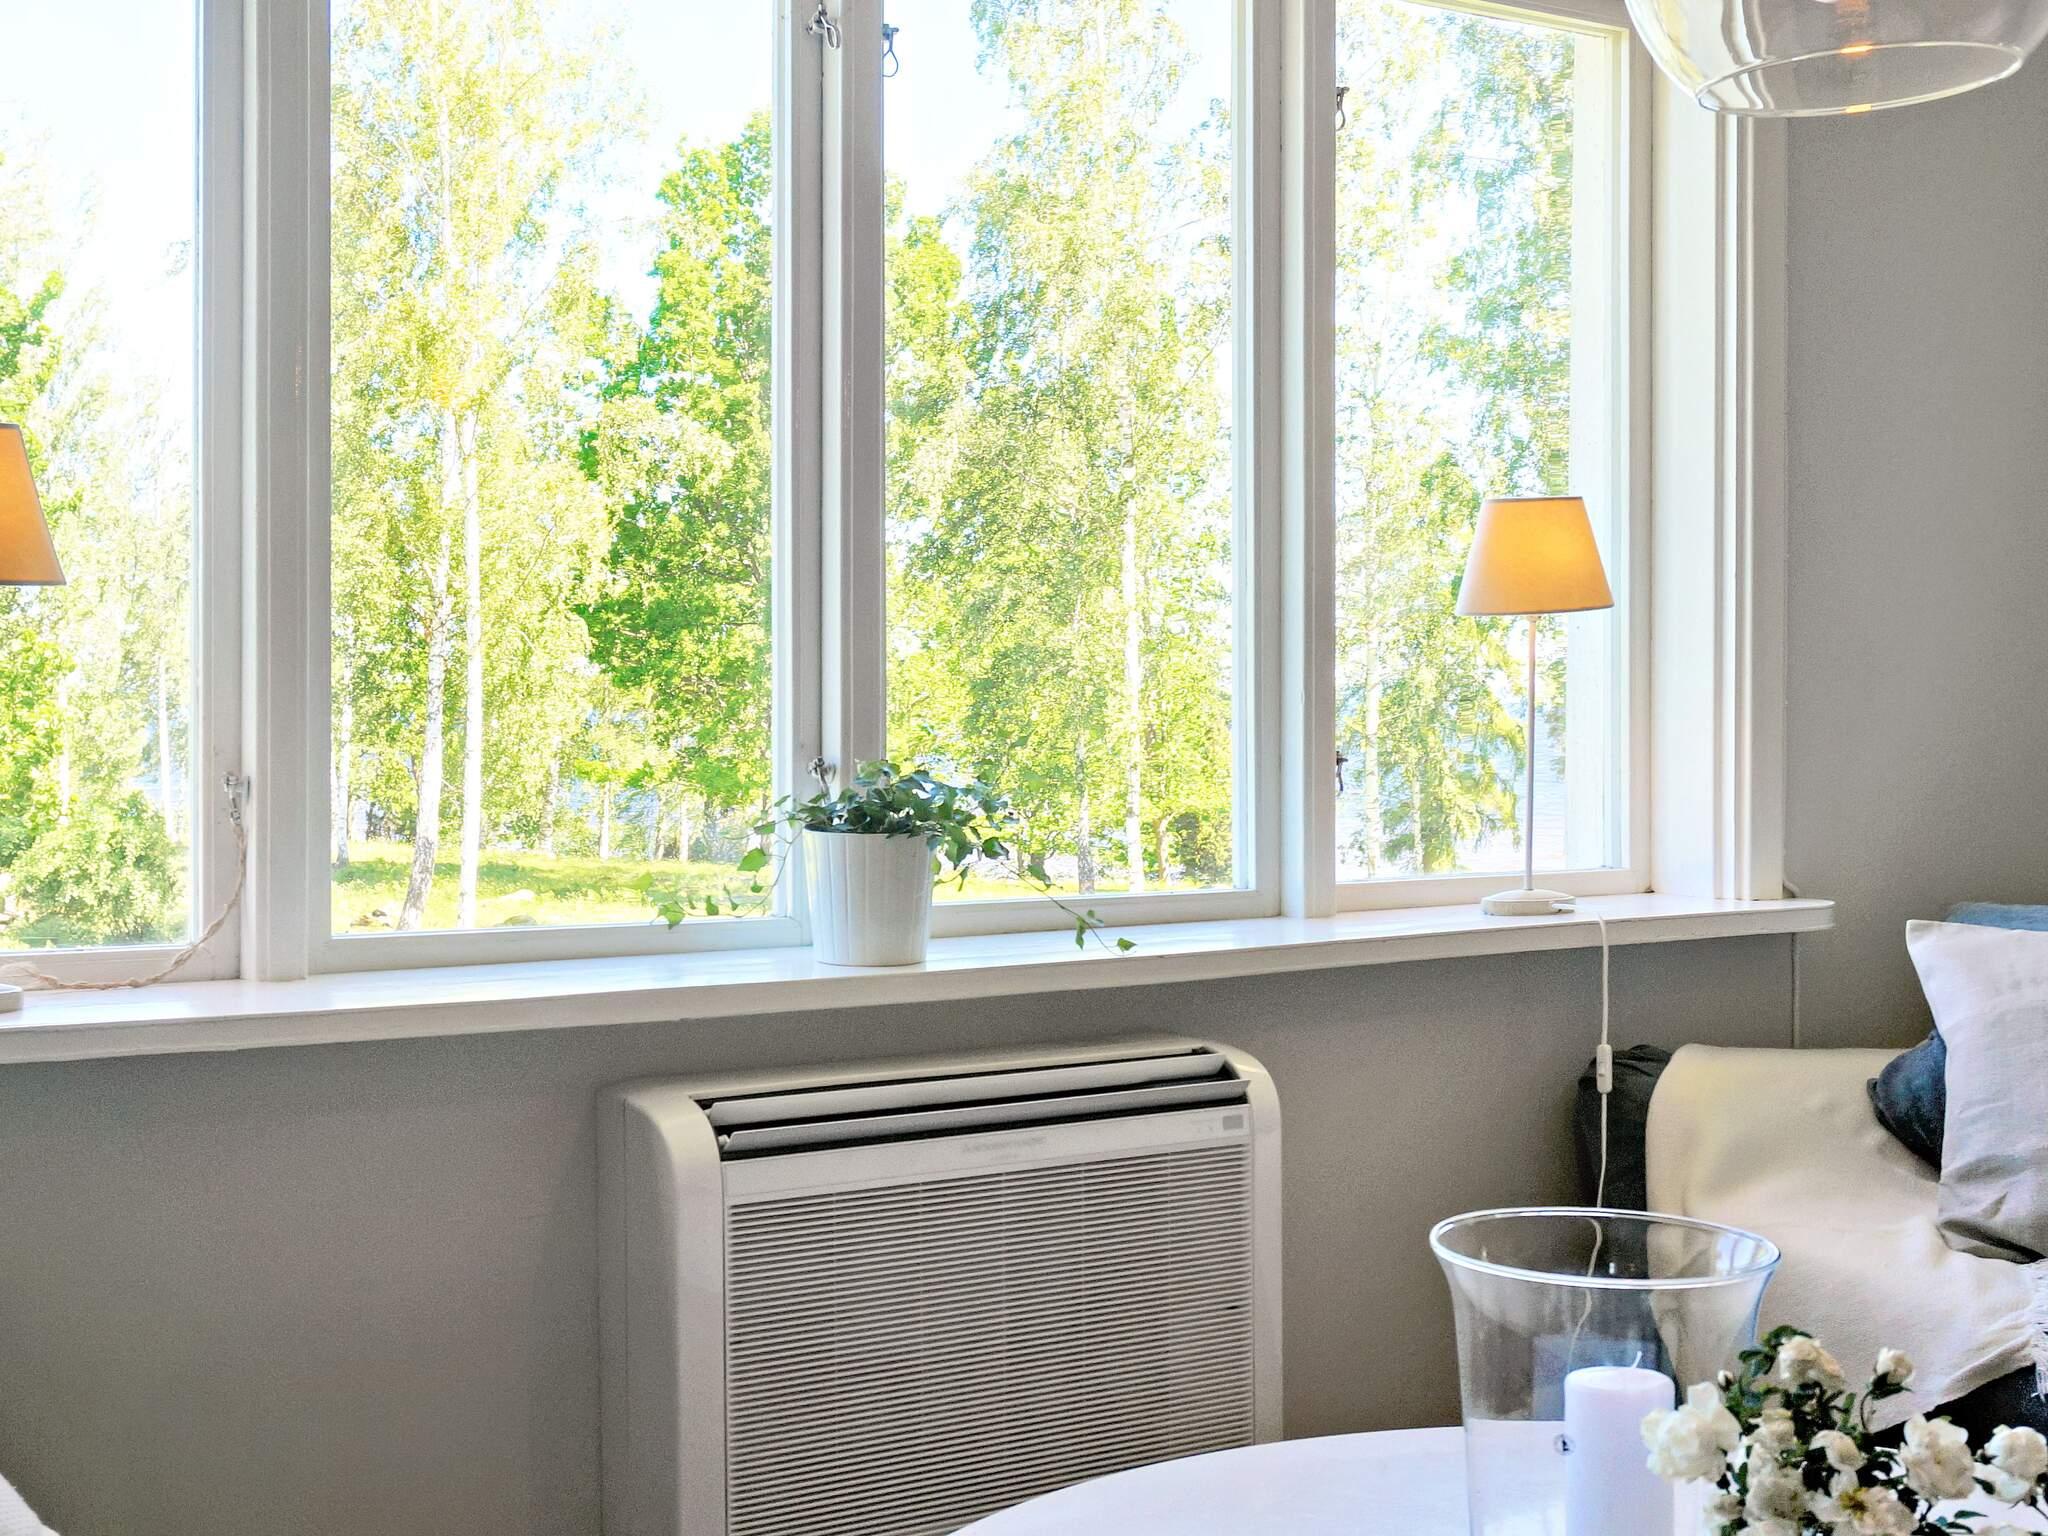 Ferienhaus Hova (432882), Hova, Västra Götaland län, Westschweden, Schweden, Bild 23